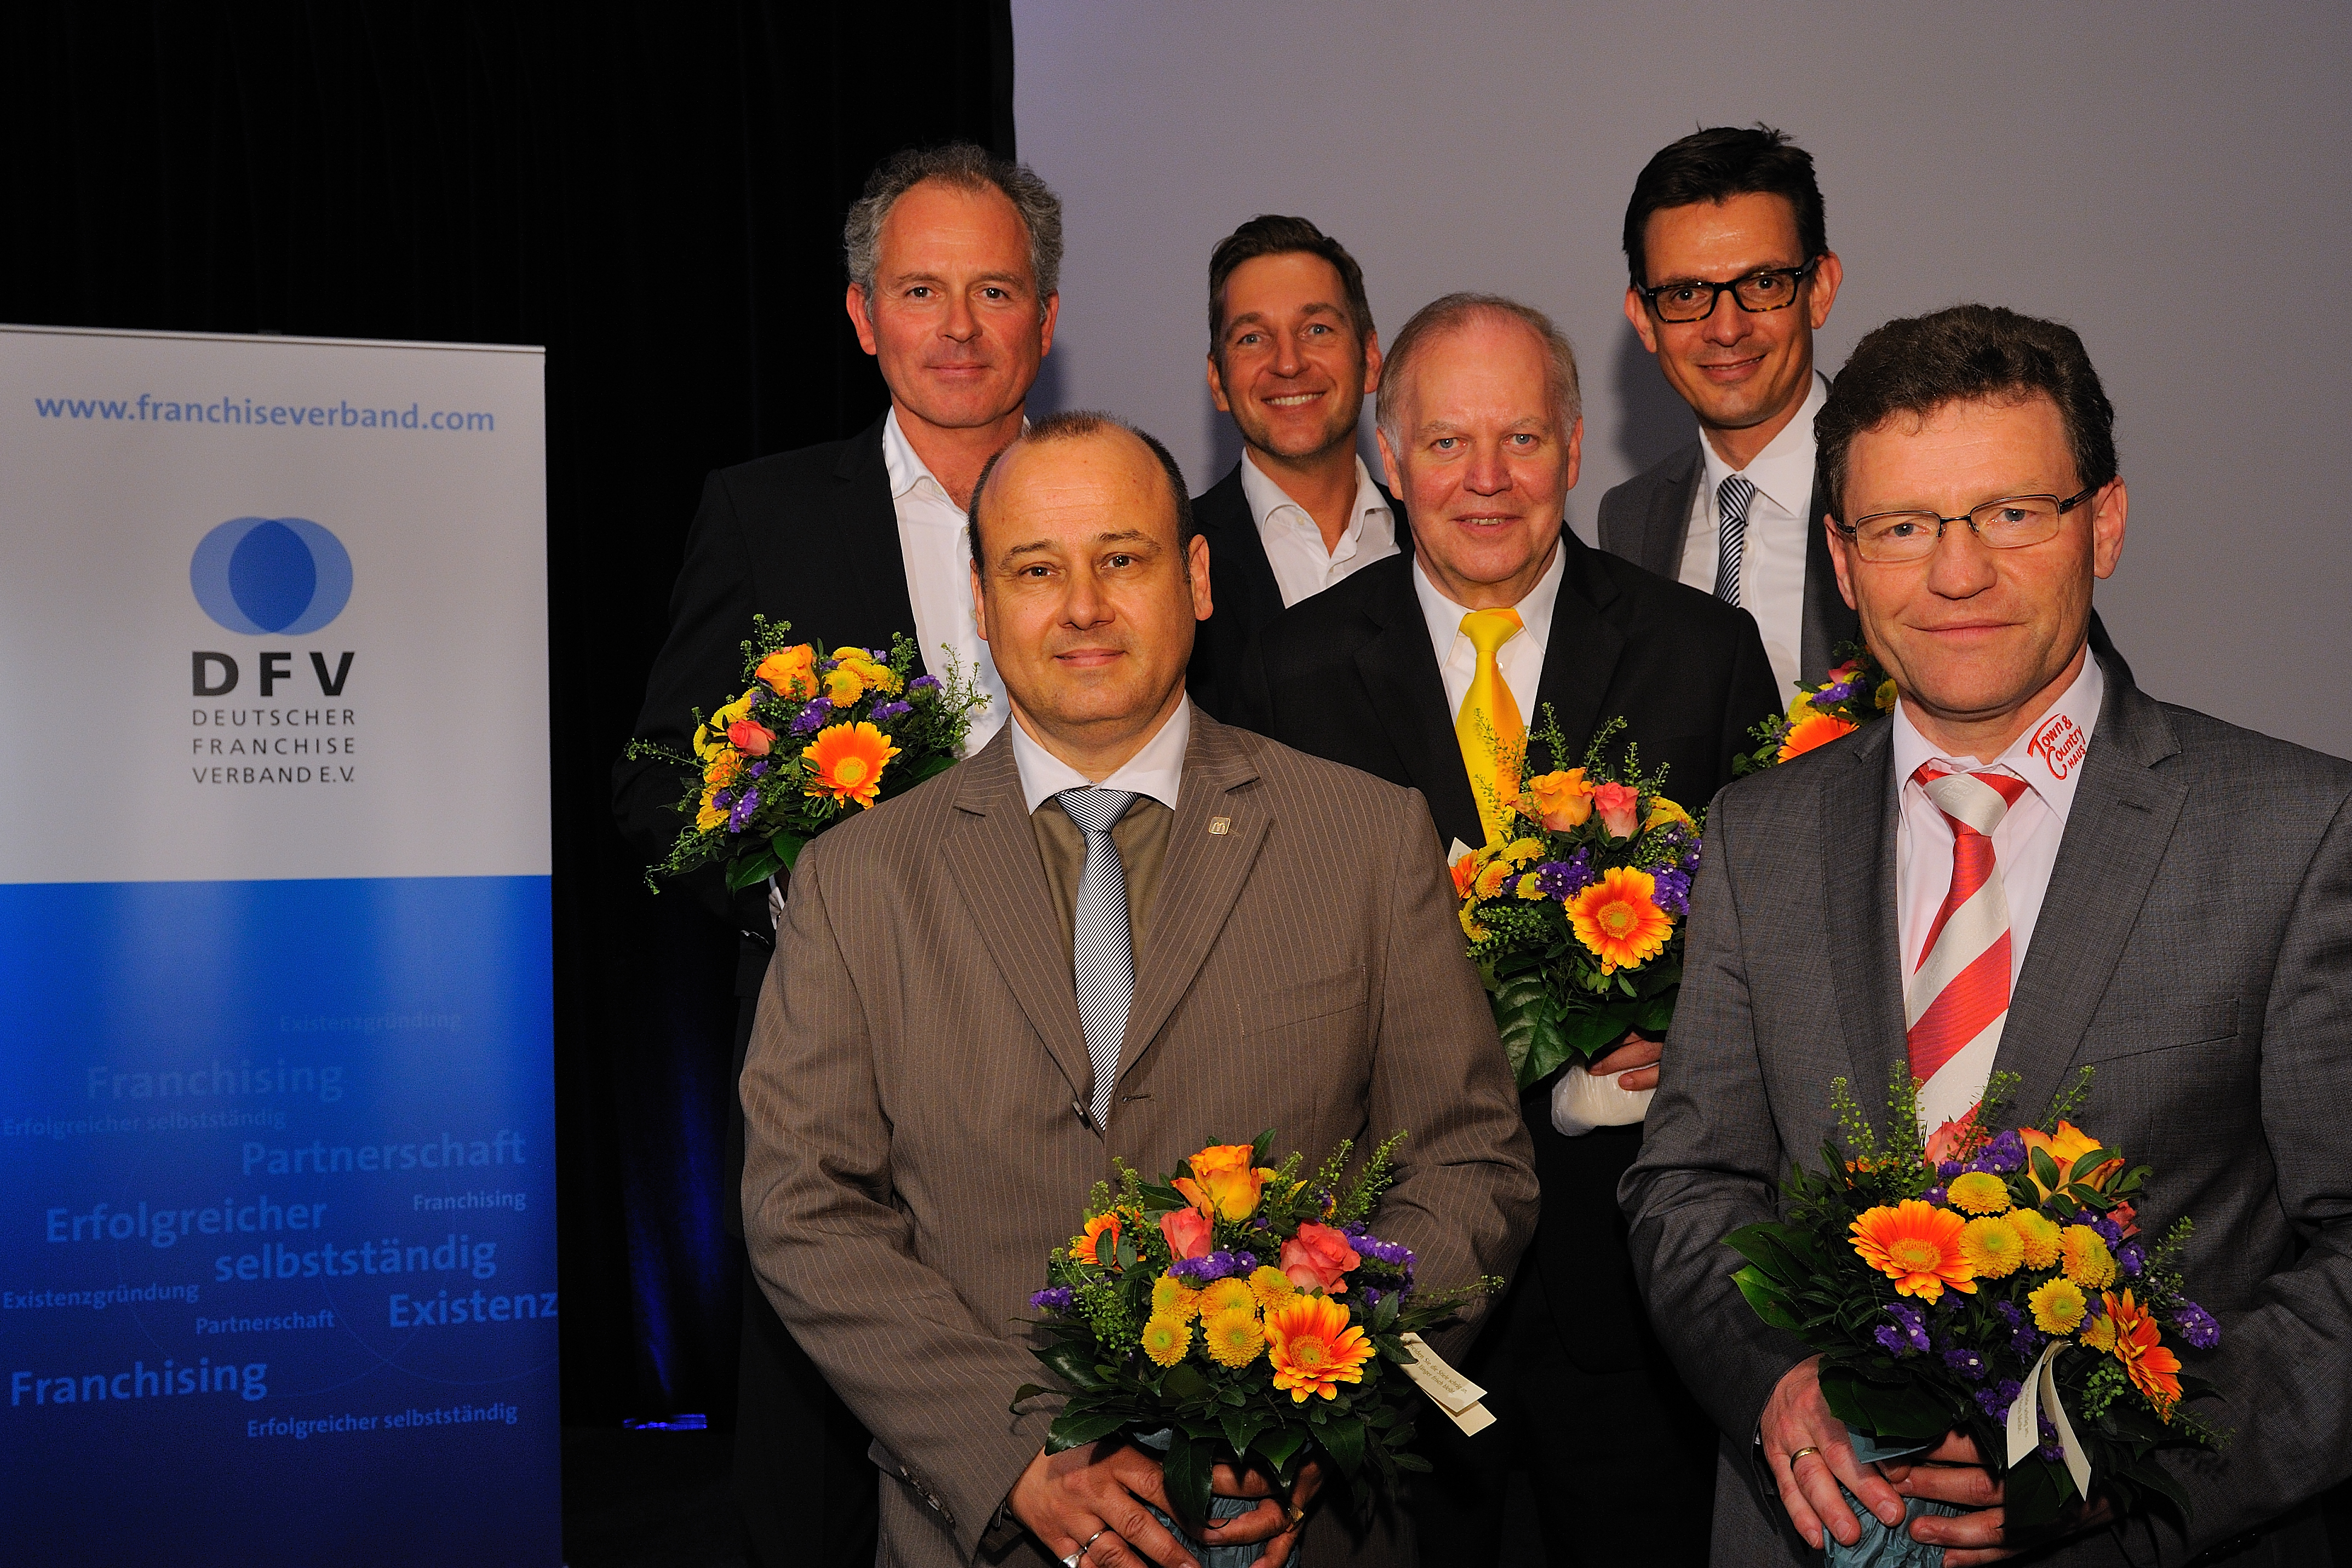 Jürgen Dawo im Vorstand des Deutschen Franchise-Verbandes bestätigt